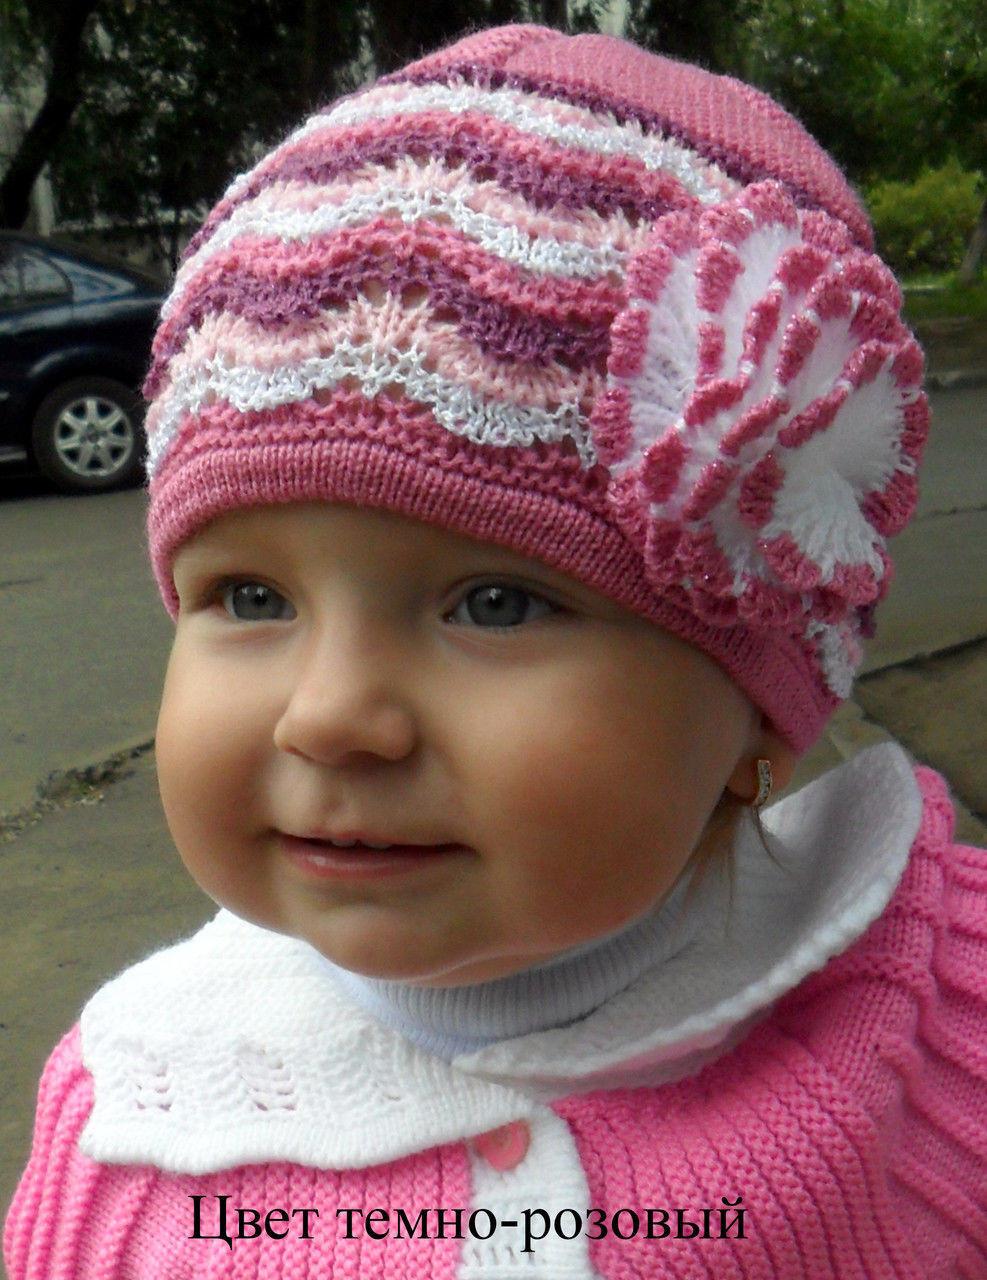 Весенняя ажурная шапка на девочку с цветком